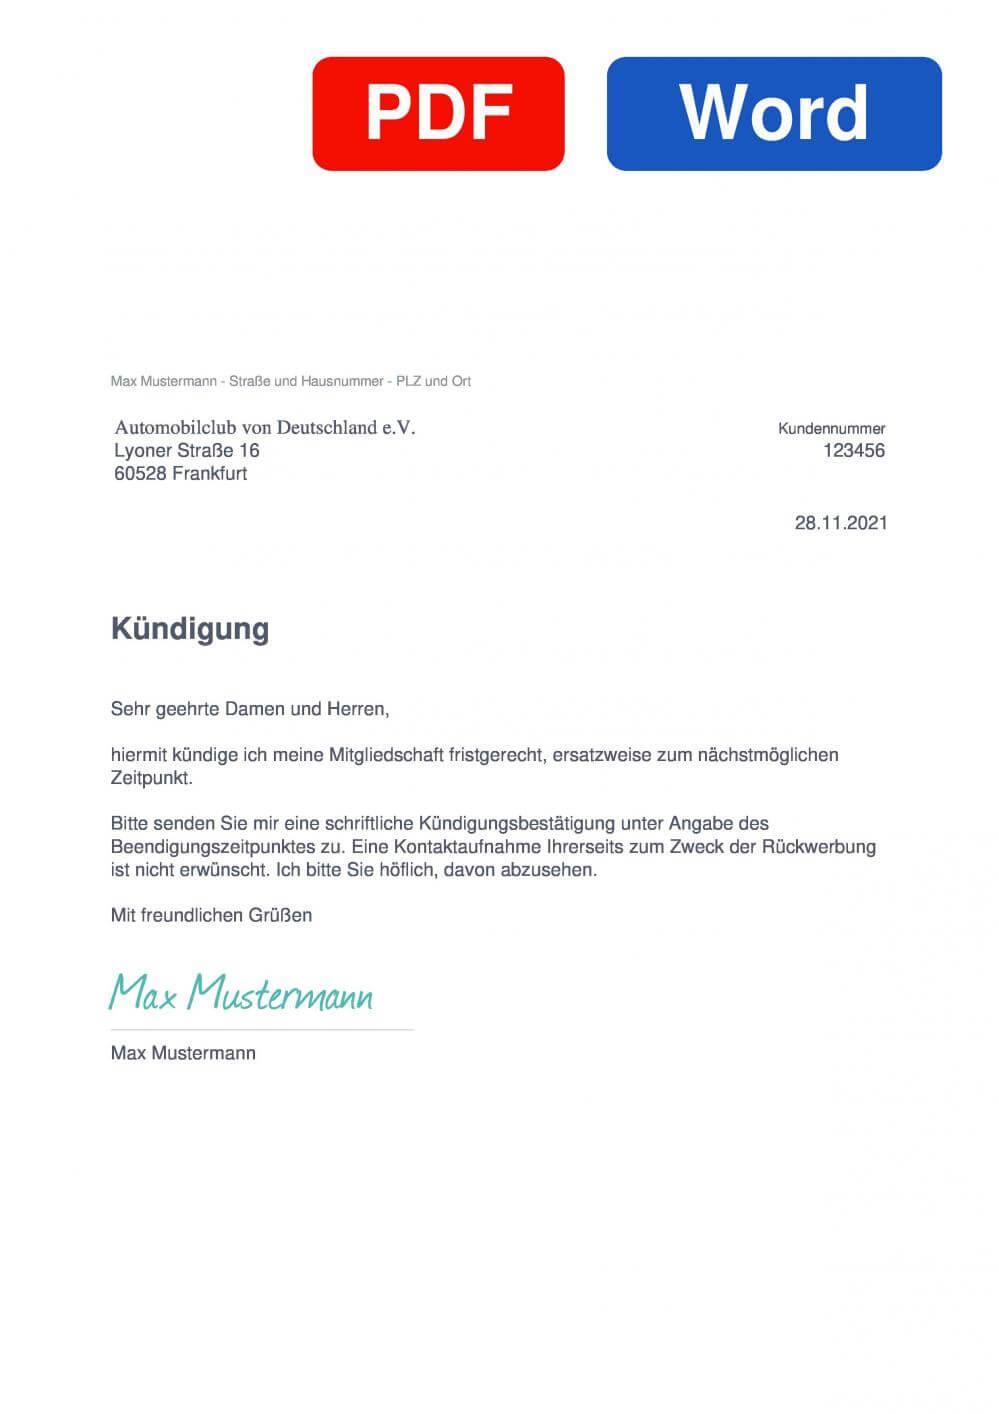 AvD - Automobilclub von Deutschland Muster Vorlage für Kündigungsschreiben